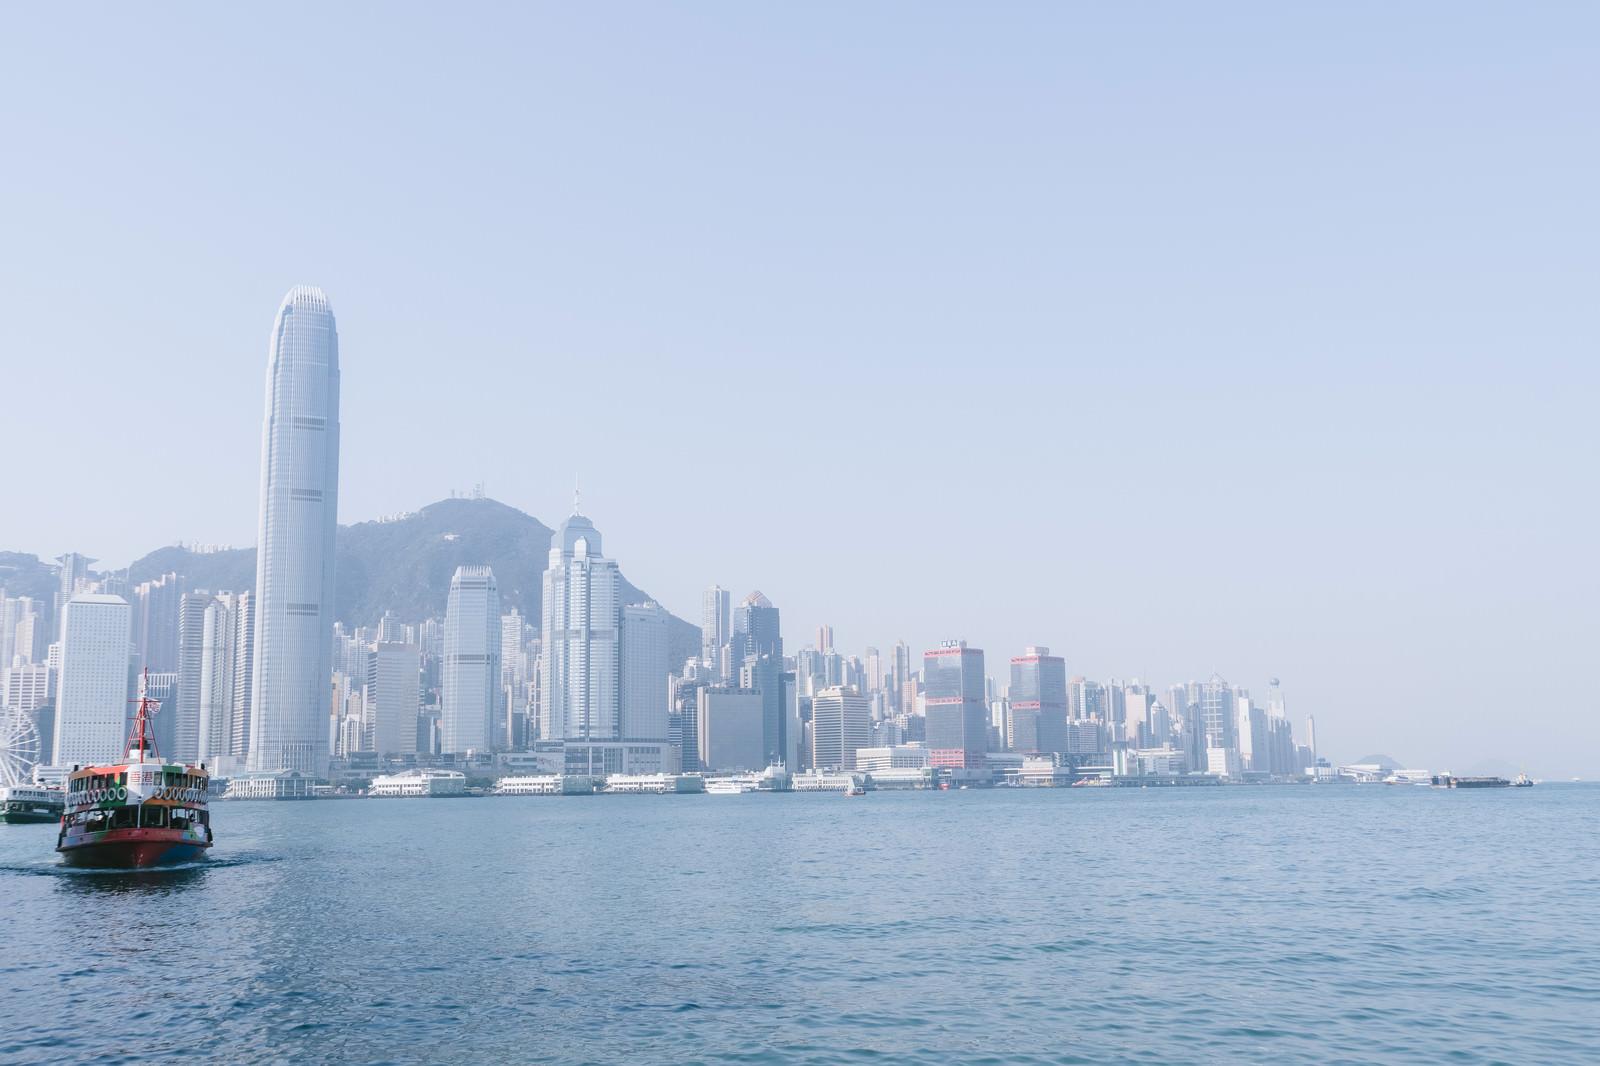 「香港の港と都市部のビル群香港の港と都市部のビル群」のフリー写真素材を拡大